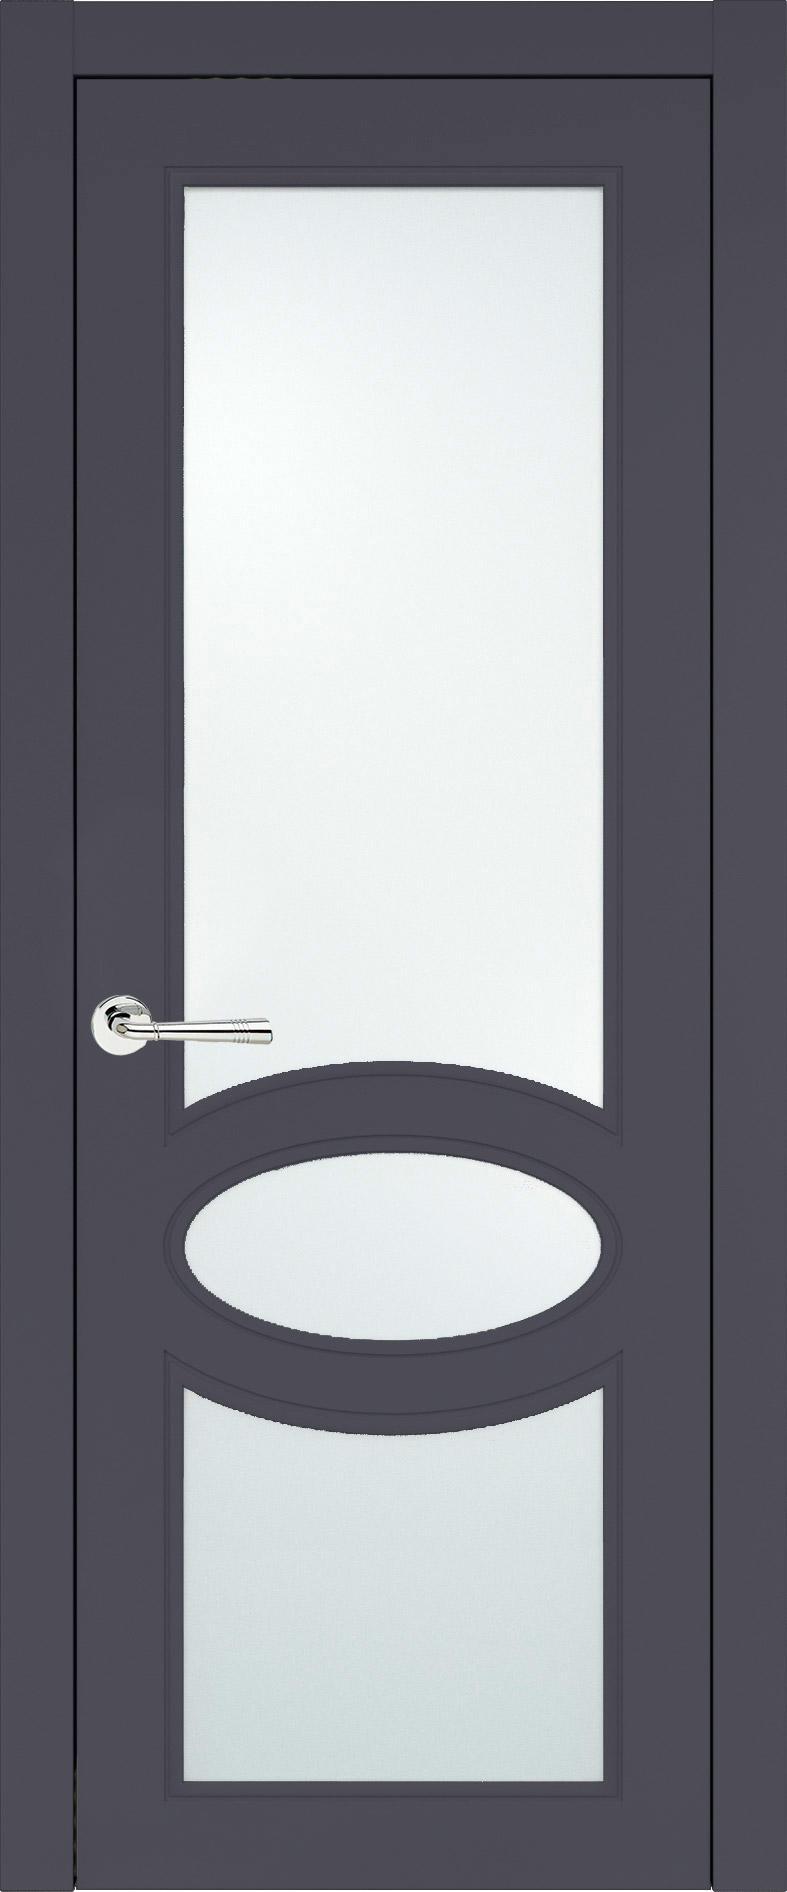 Florencia Neo Classic цвет - Графитово-серая эмаль (RAL 7024) Со стеклом (ДО)